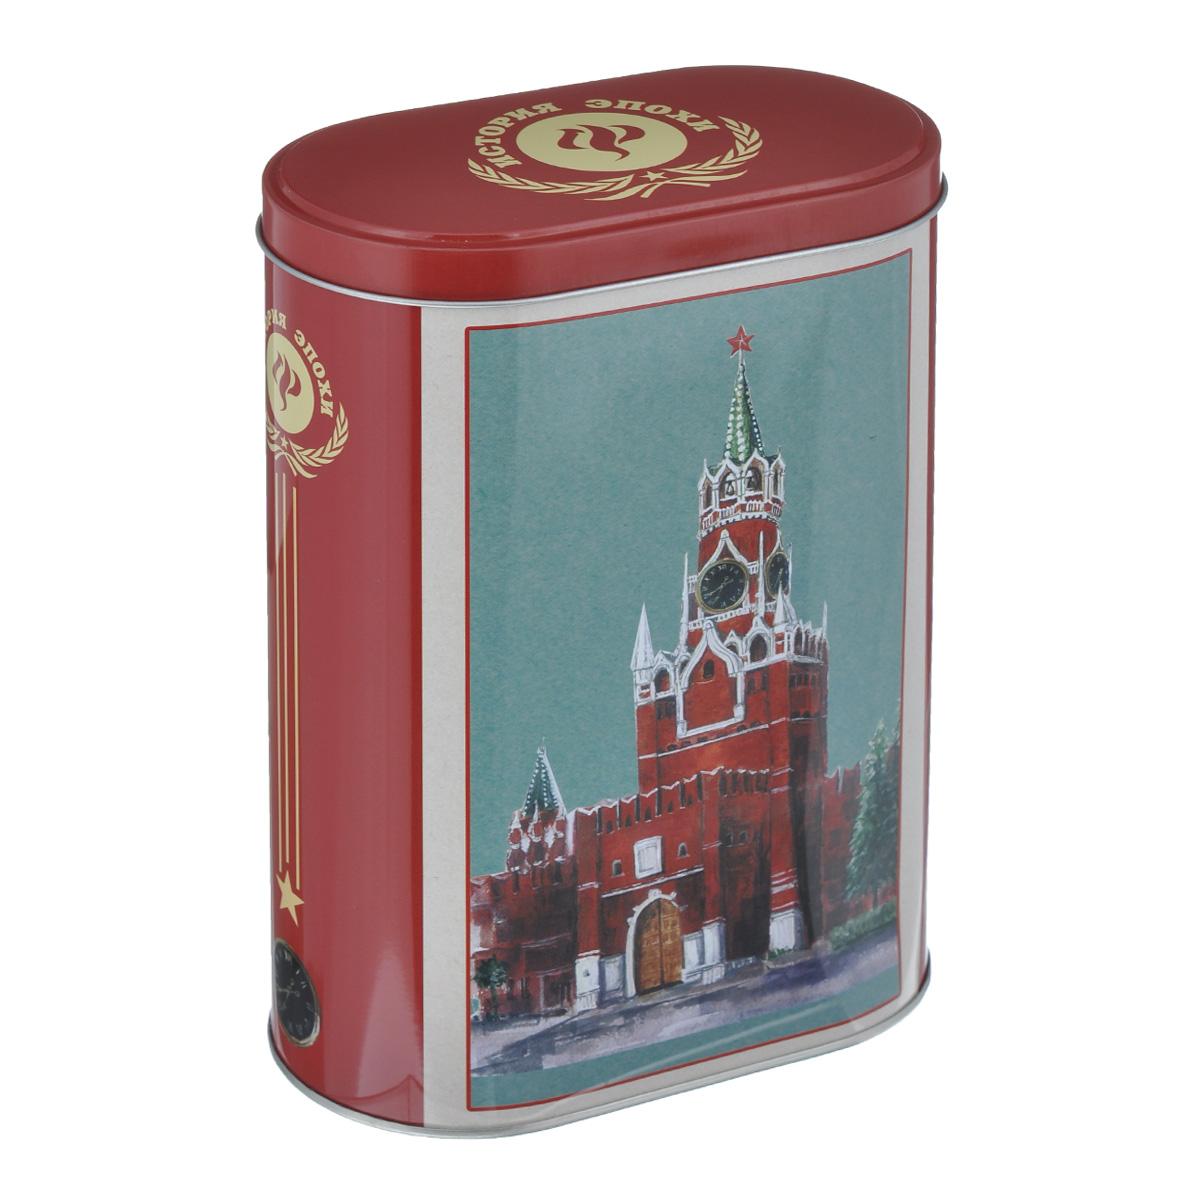 Банка для сыпучих продуктов Феникс-презент Кремль, 1,5 л стационарная система аквафор трио норма м в